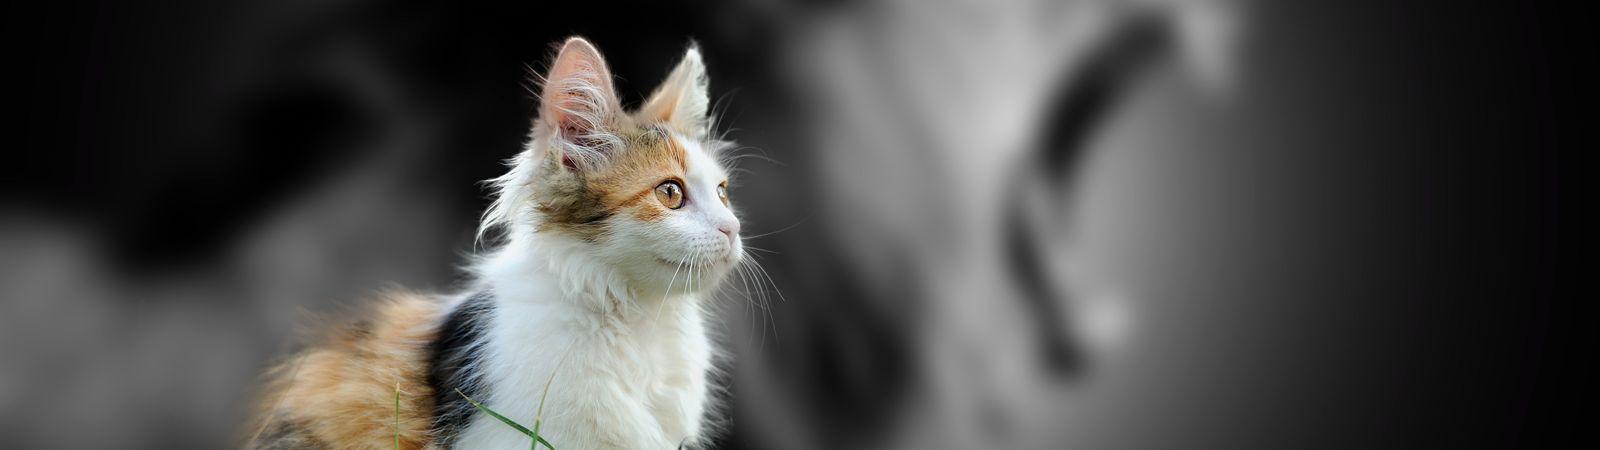 kedi-kaplan